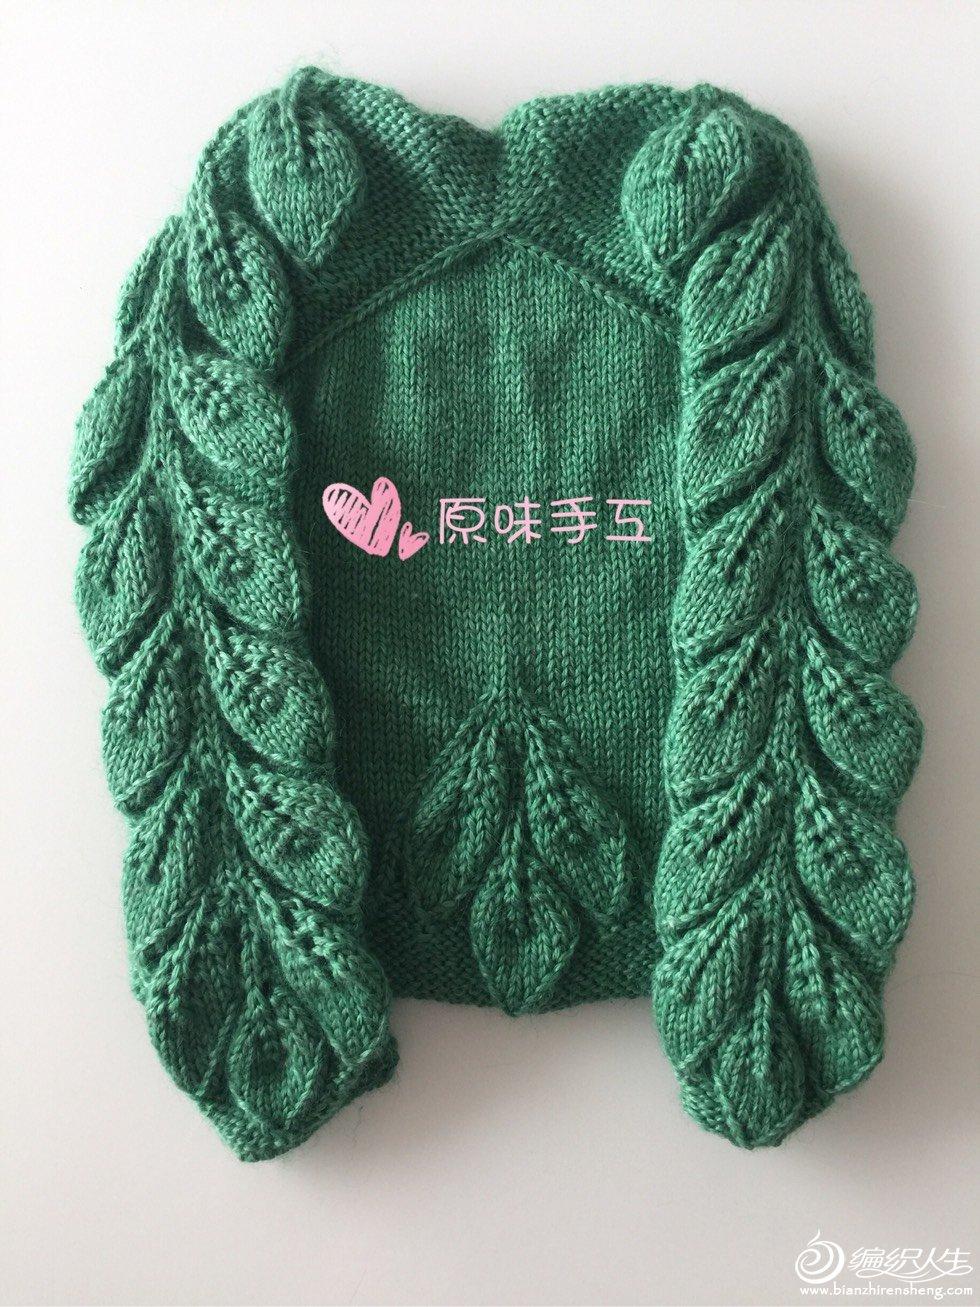 儿童织毛衣教程_贝儿从领口往下织儿童棒针叶子花毛衣-编织教程-编织人生